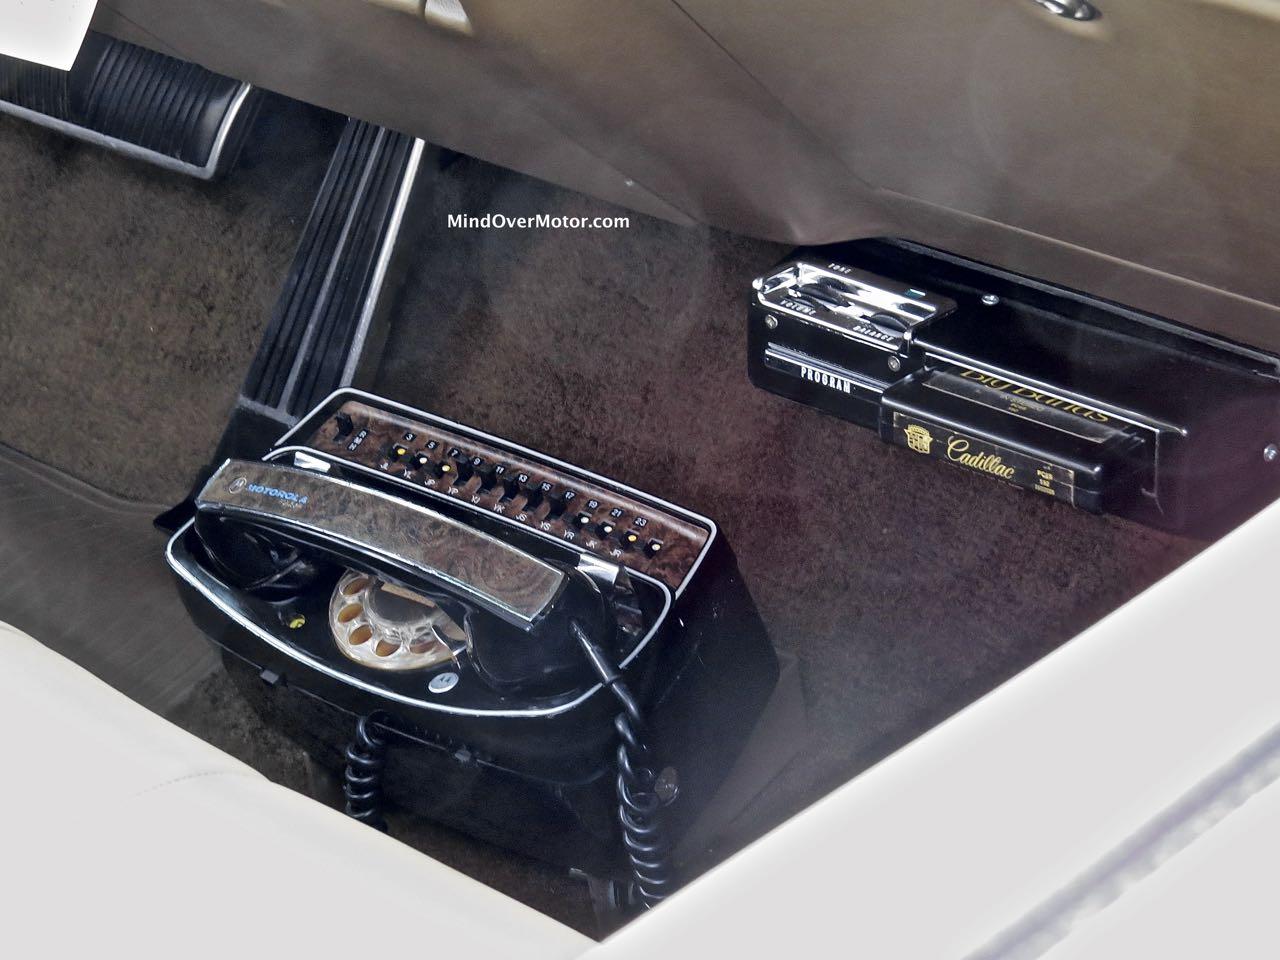 1968 Cadillac Eldorado Telematics